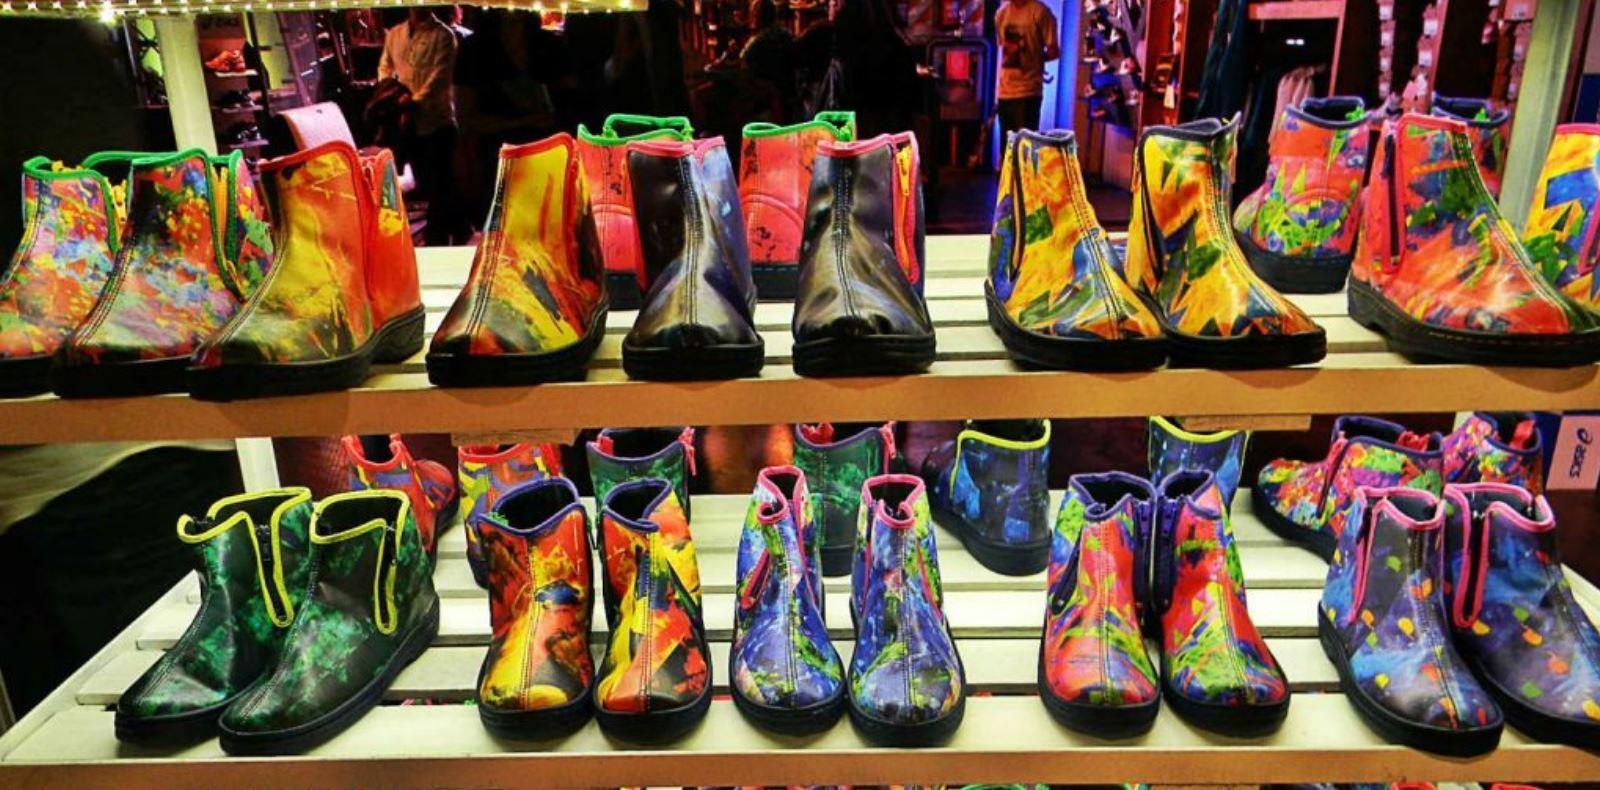 5 cơ hội mua sắm cho tín đồ giày dép